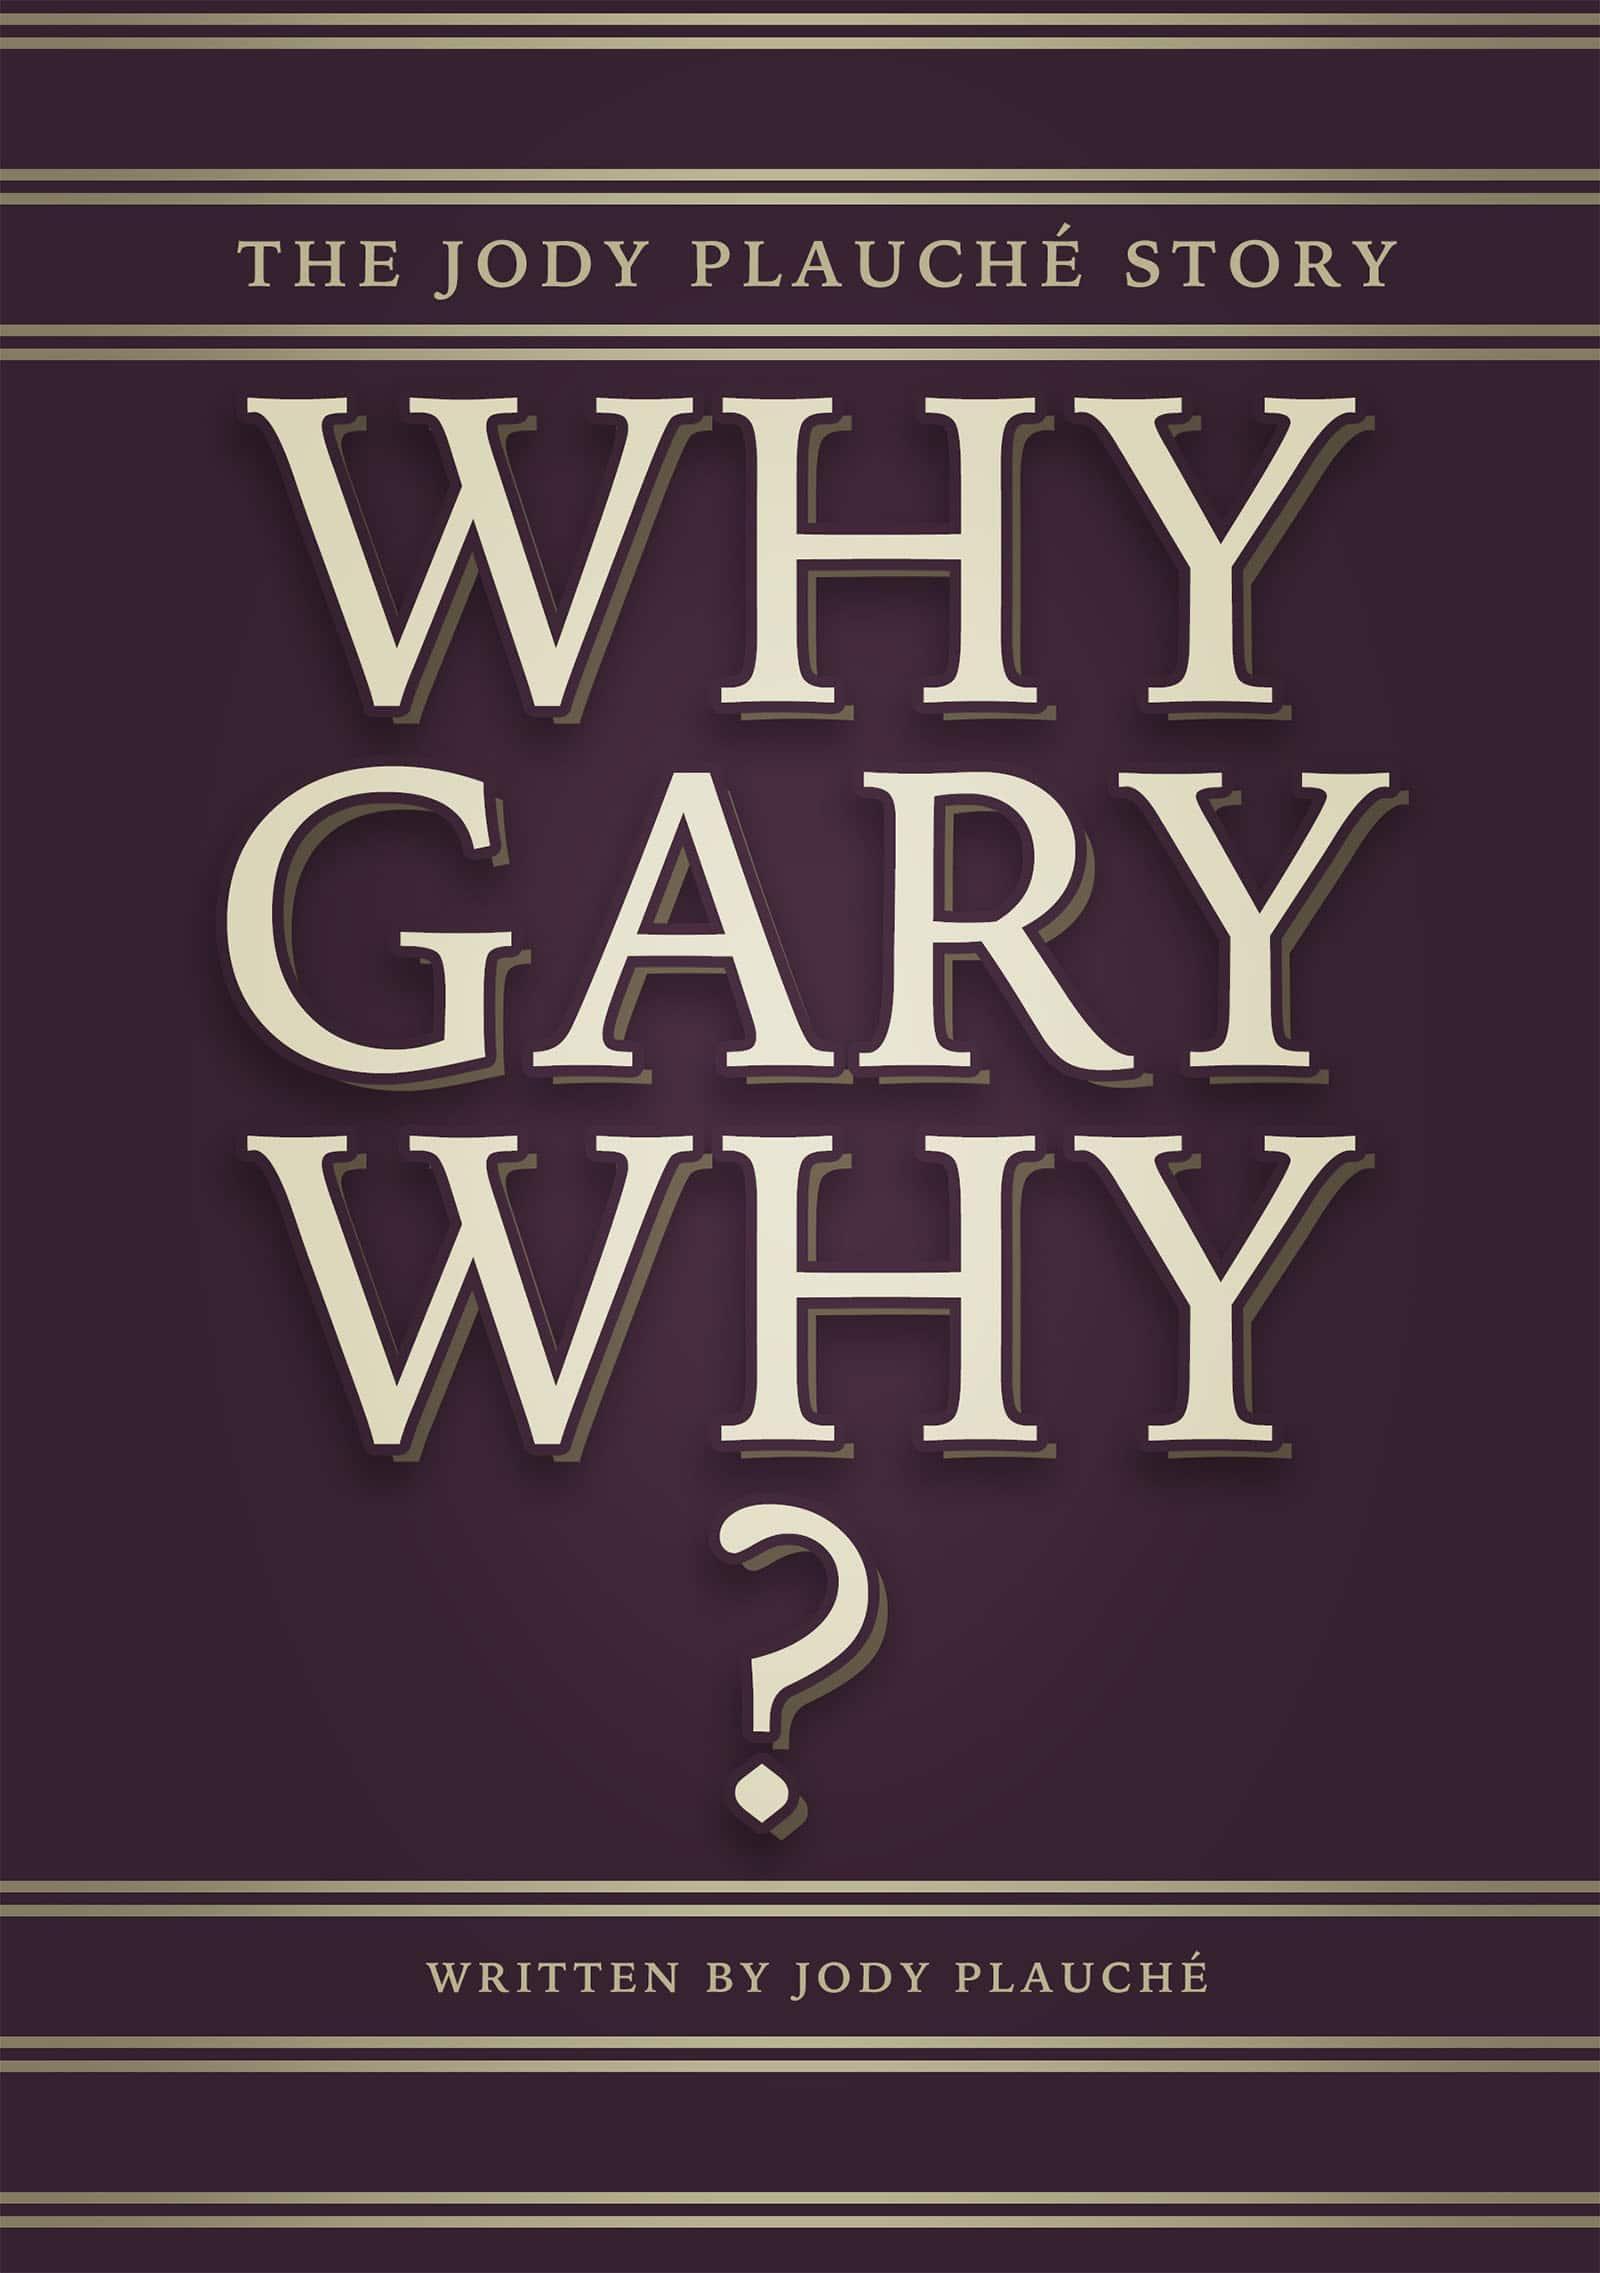 Why Gary Why - Jody Plauche